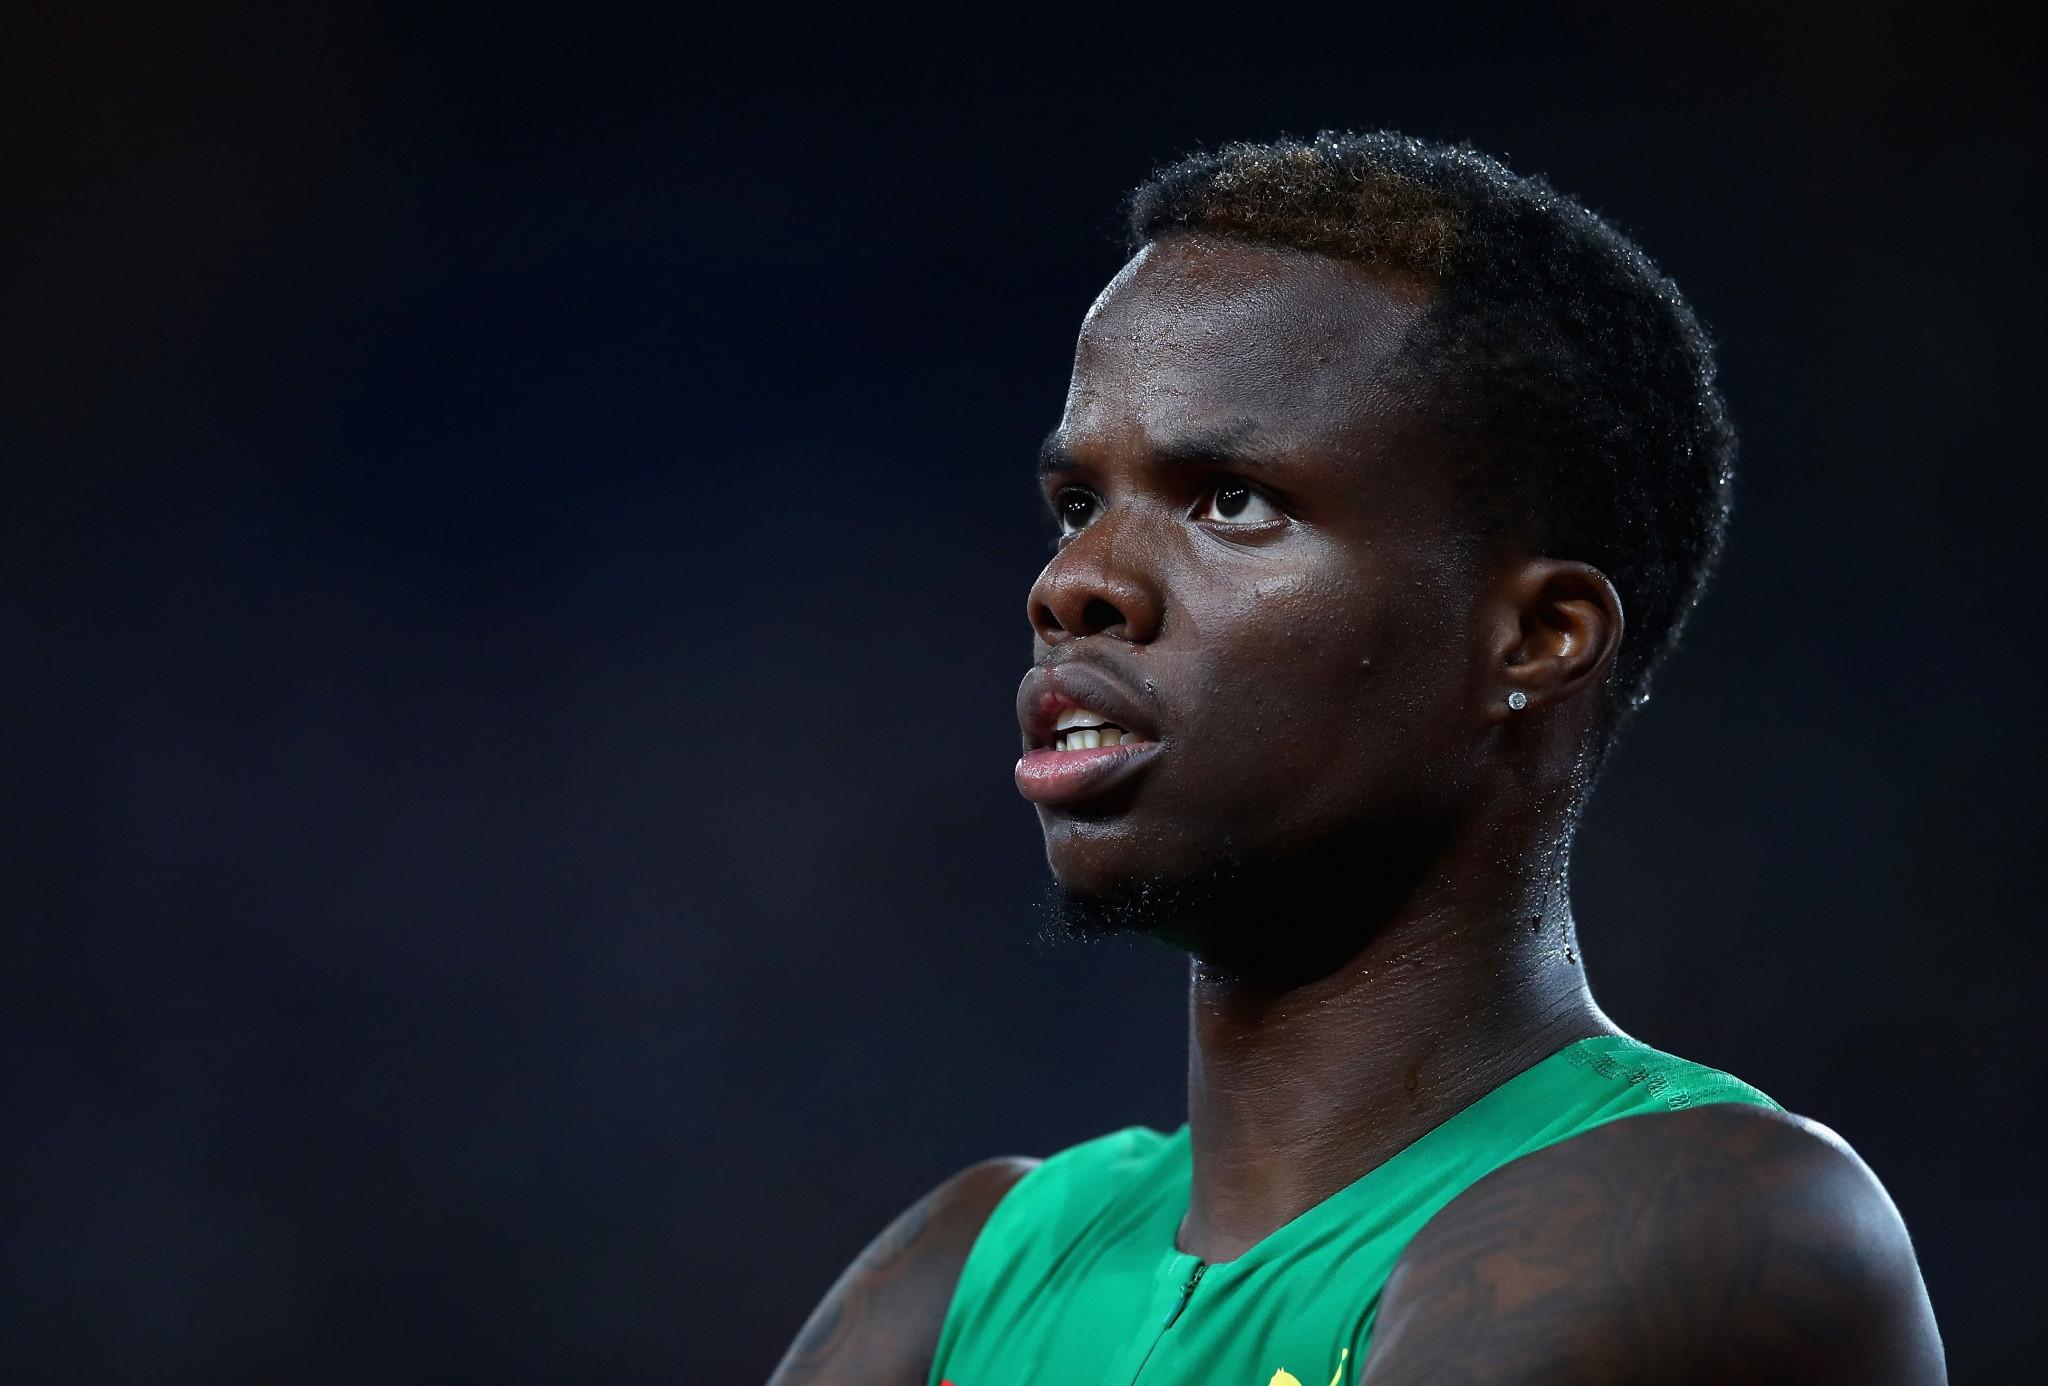 Спринтьорът Брейлън Таплин от Гренада загуби обжалването срещу четиригодишното му